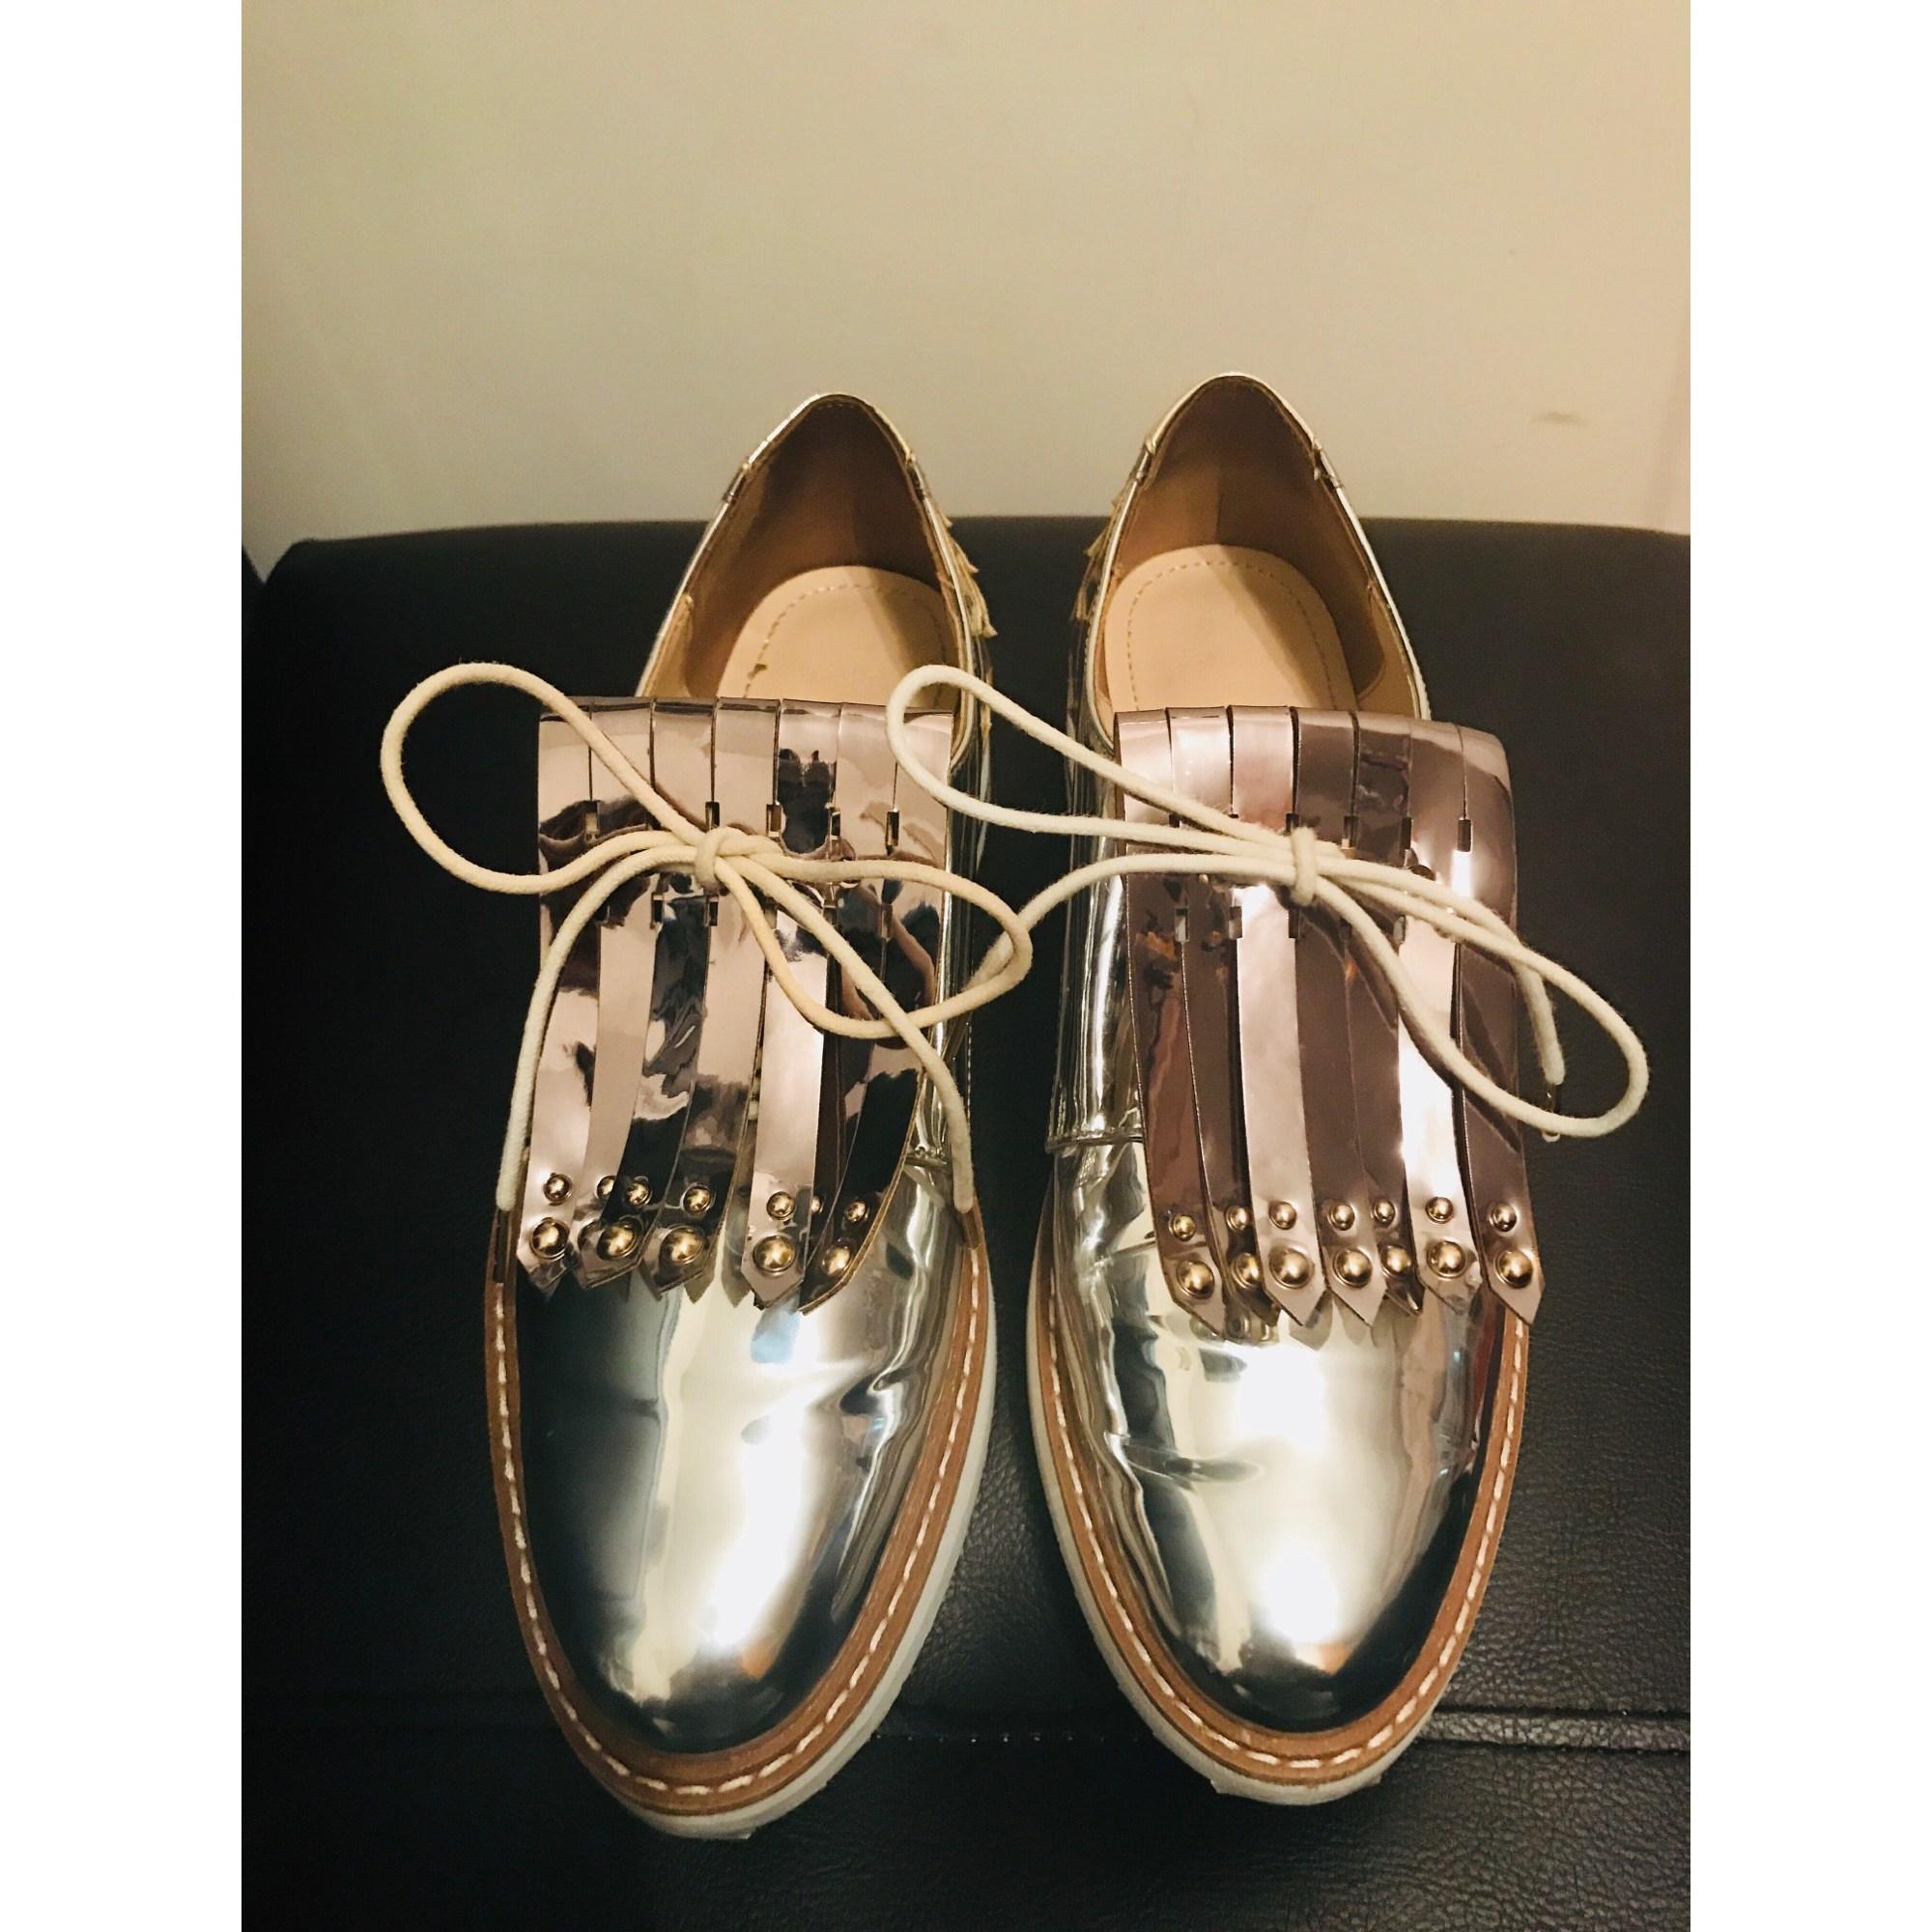 Zara 7309284 À Lacets Argenté 37 Chaussures NXO0P8nwk